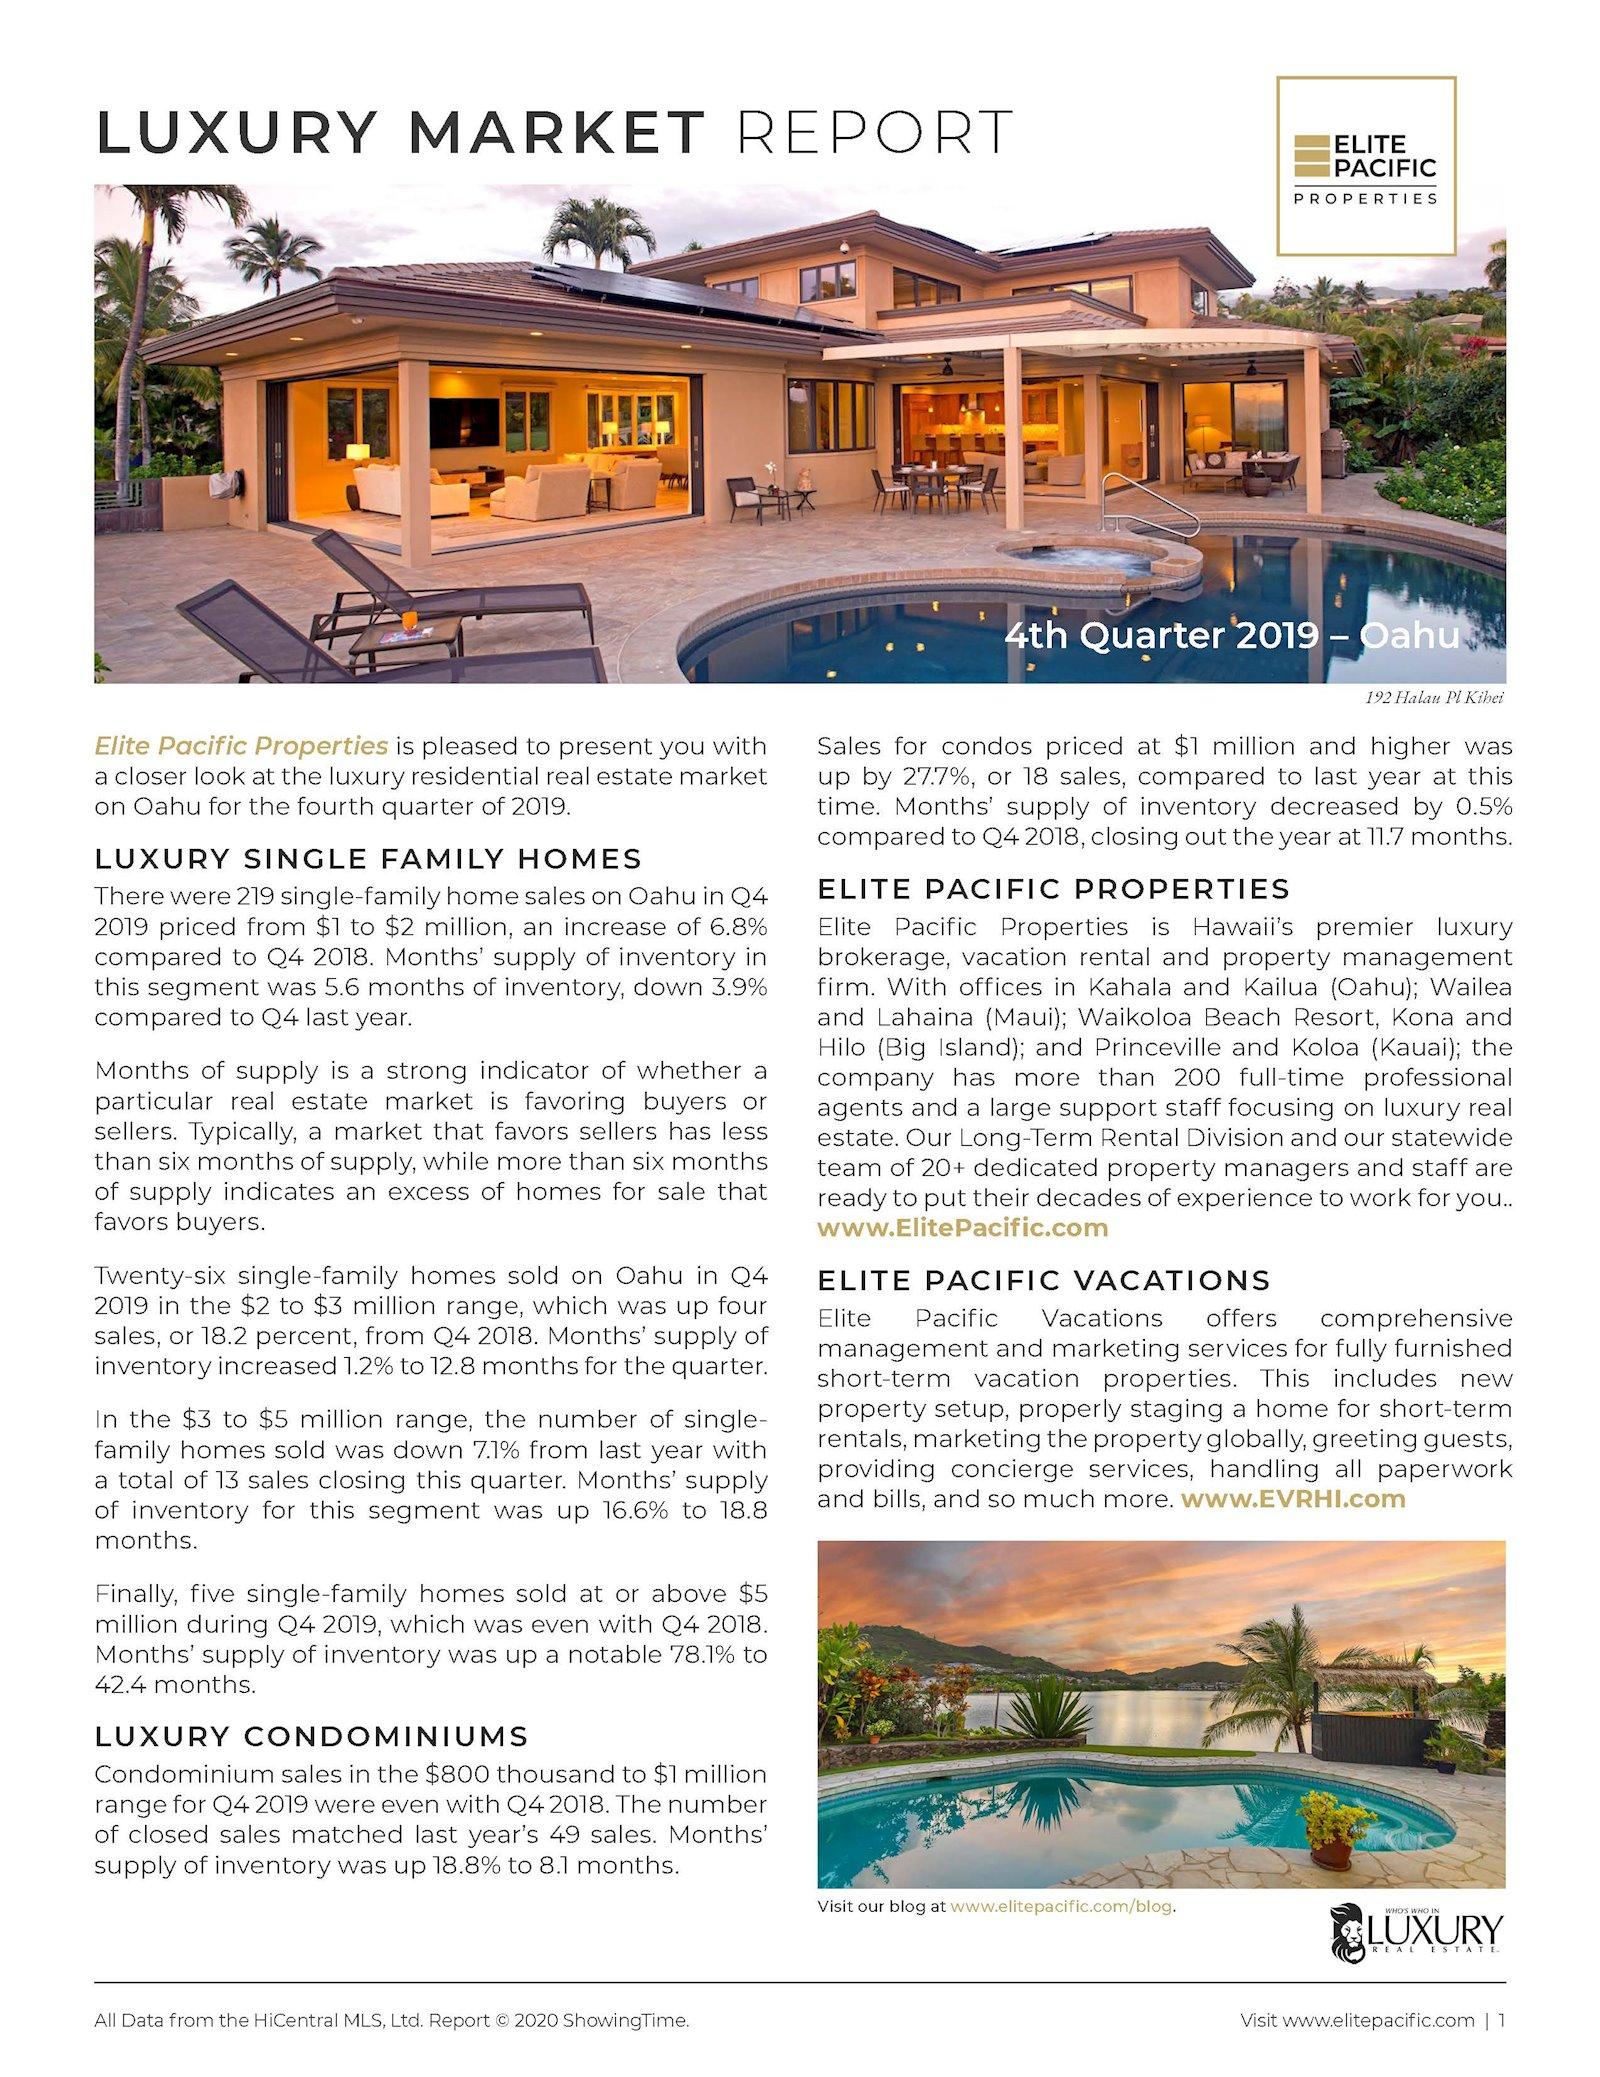 Elite Luxury Market Report - Q4 2019